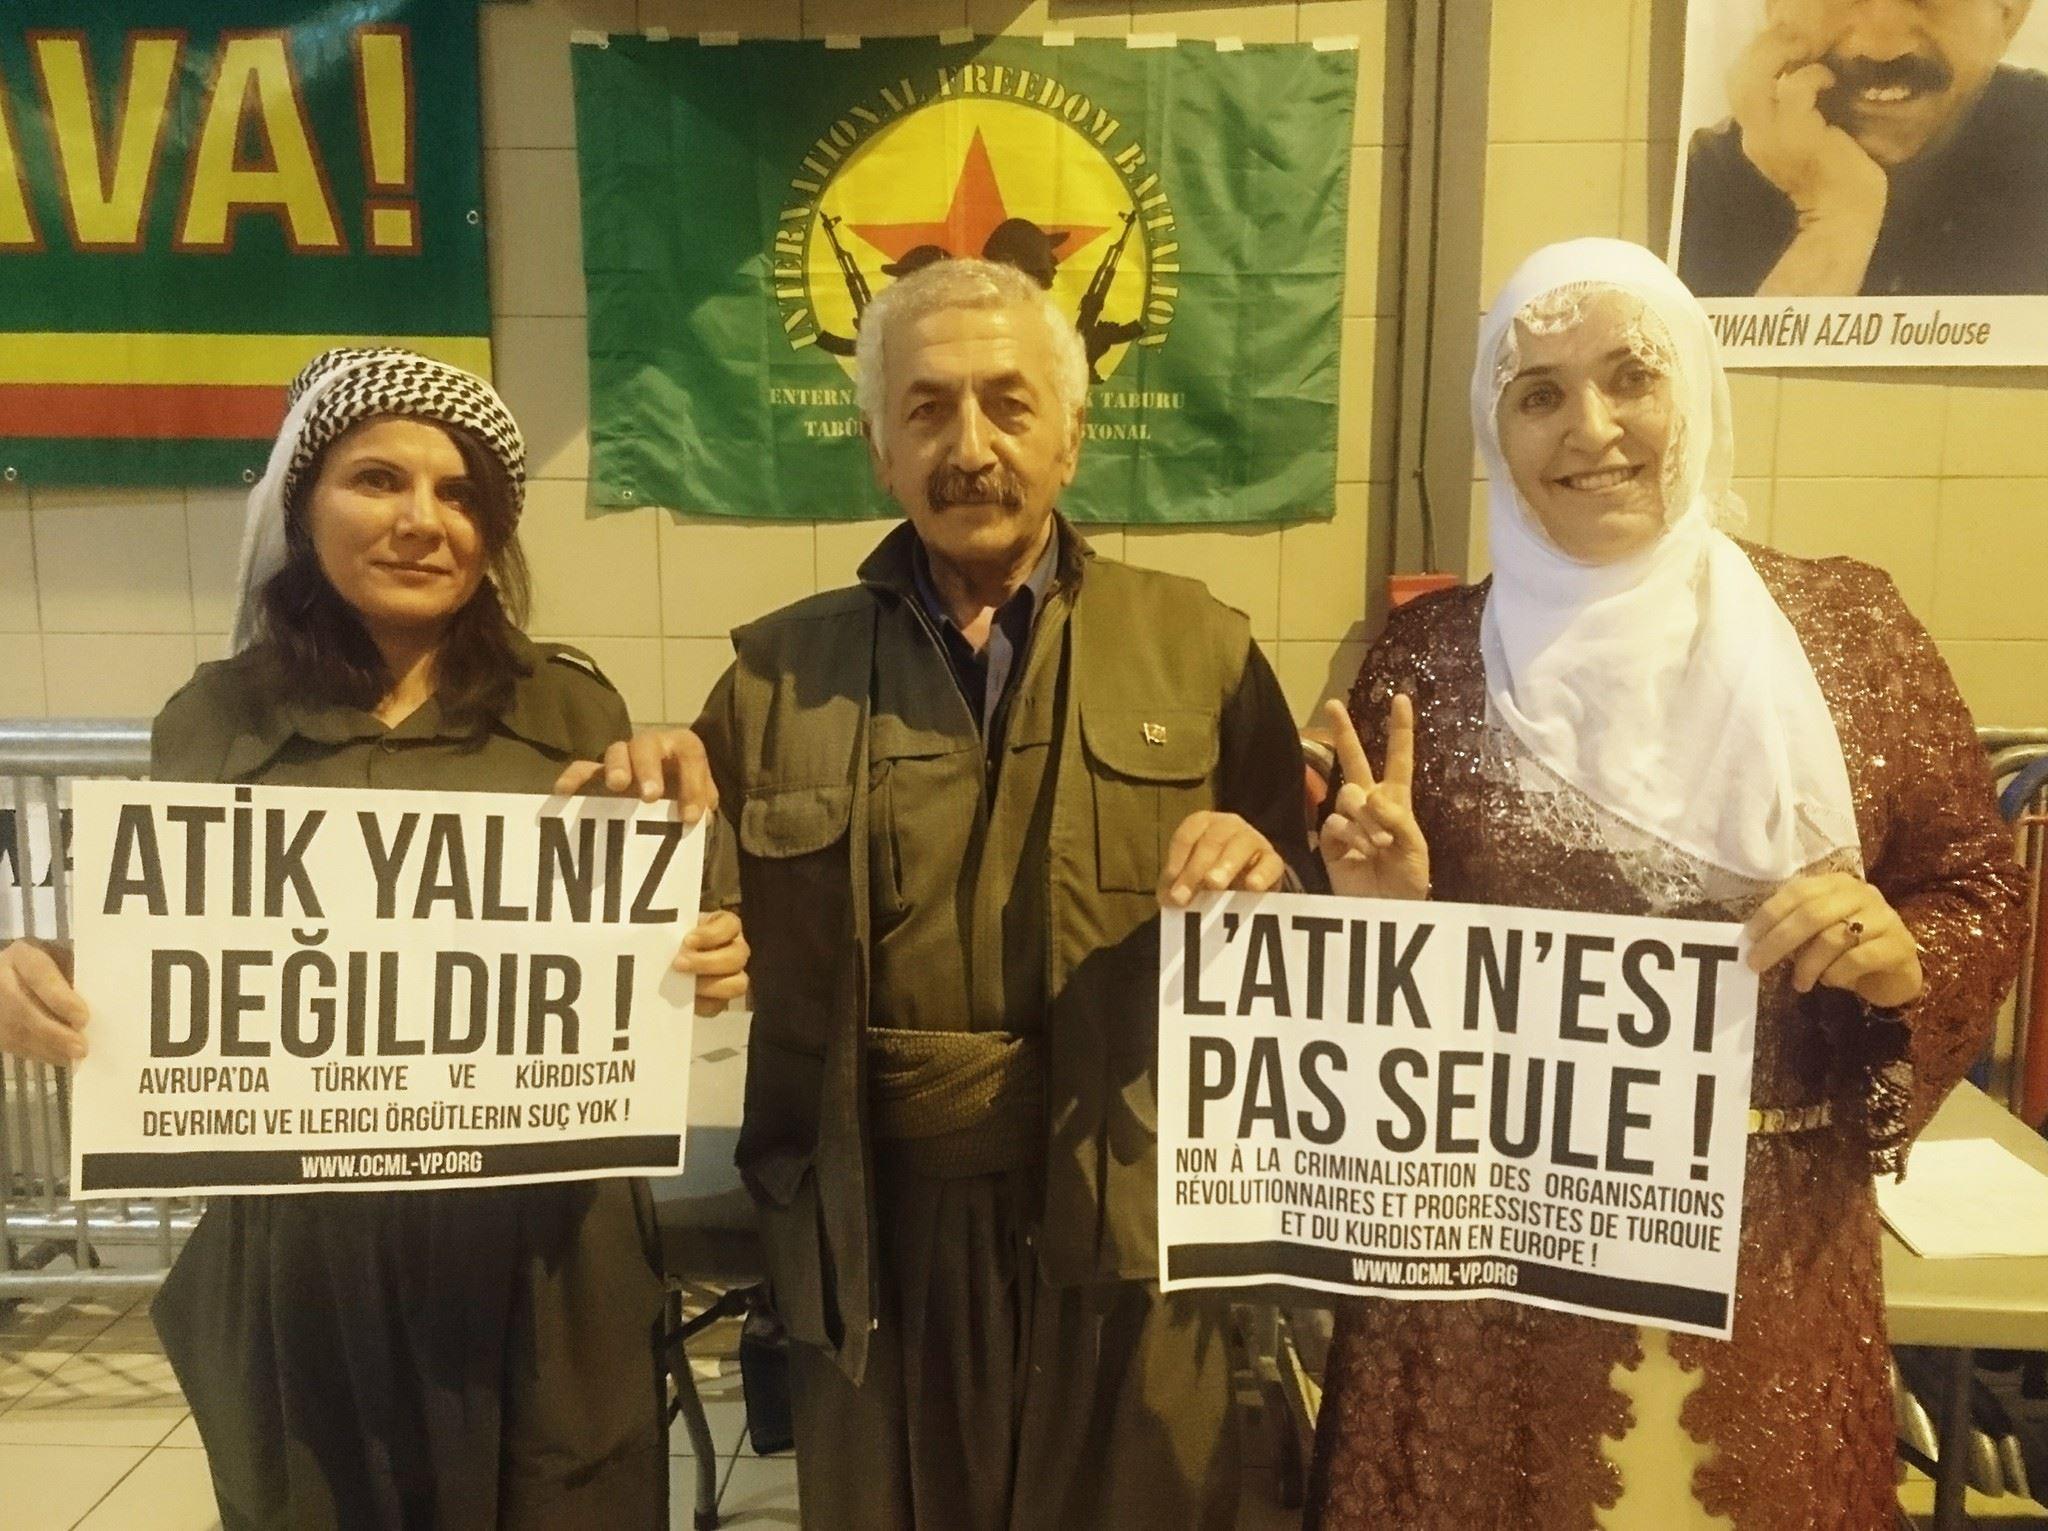 Représentants de la communauté kurde de Toulouse apportant leur soutien aux prisonniers de l'ATIK